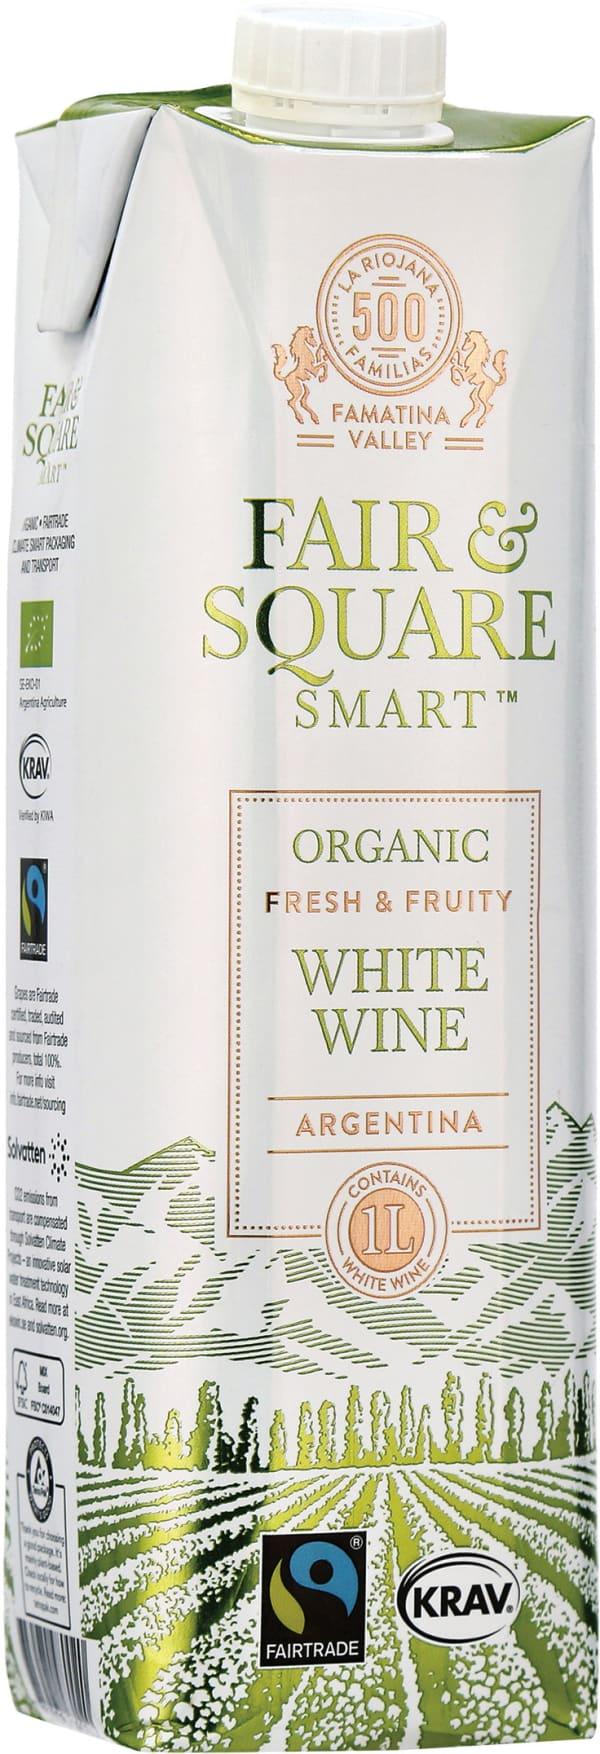 Fair & Square White 2020 carton package